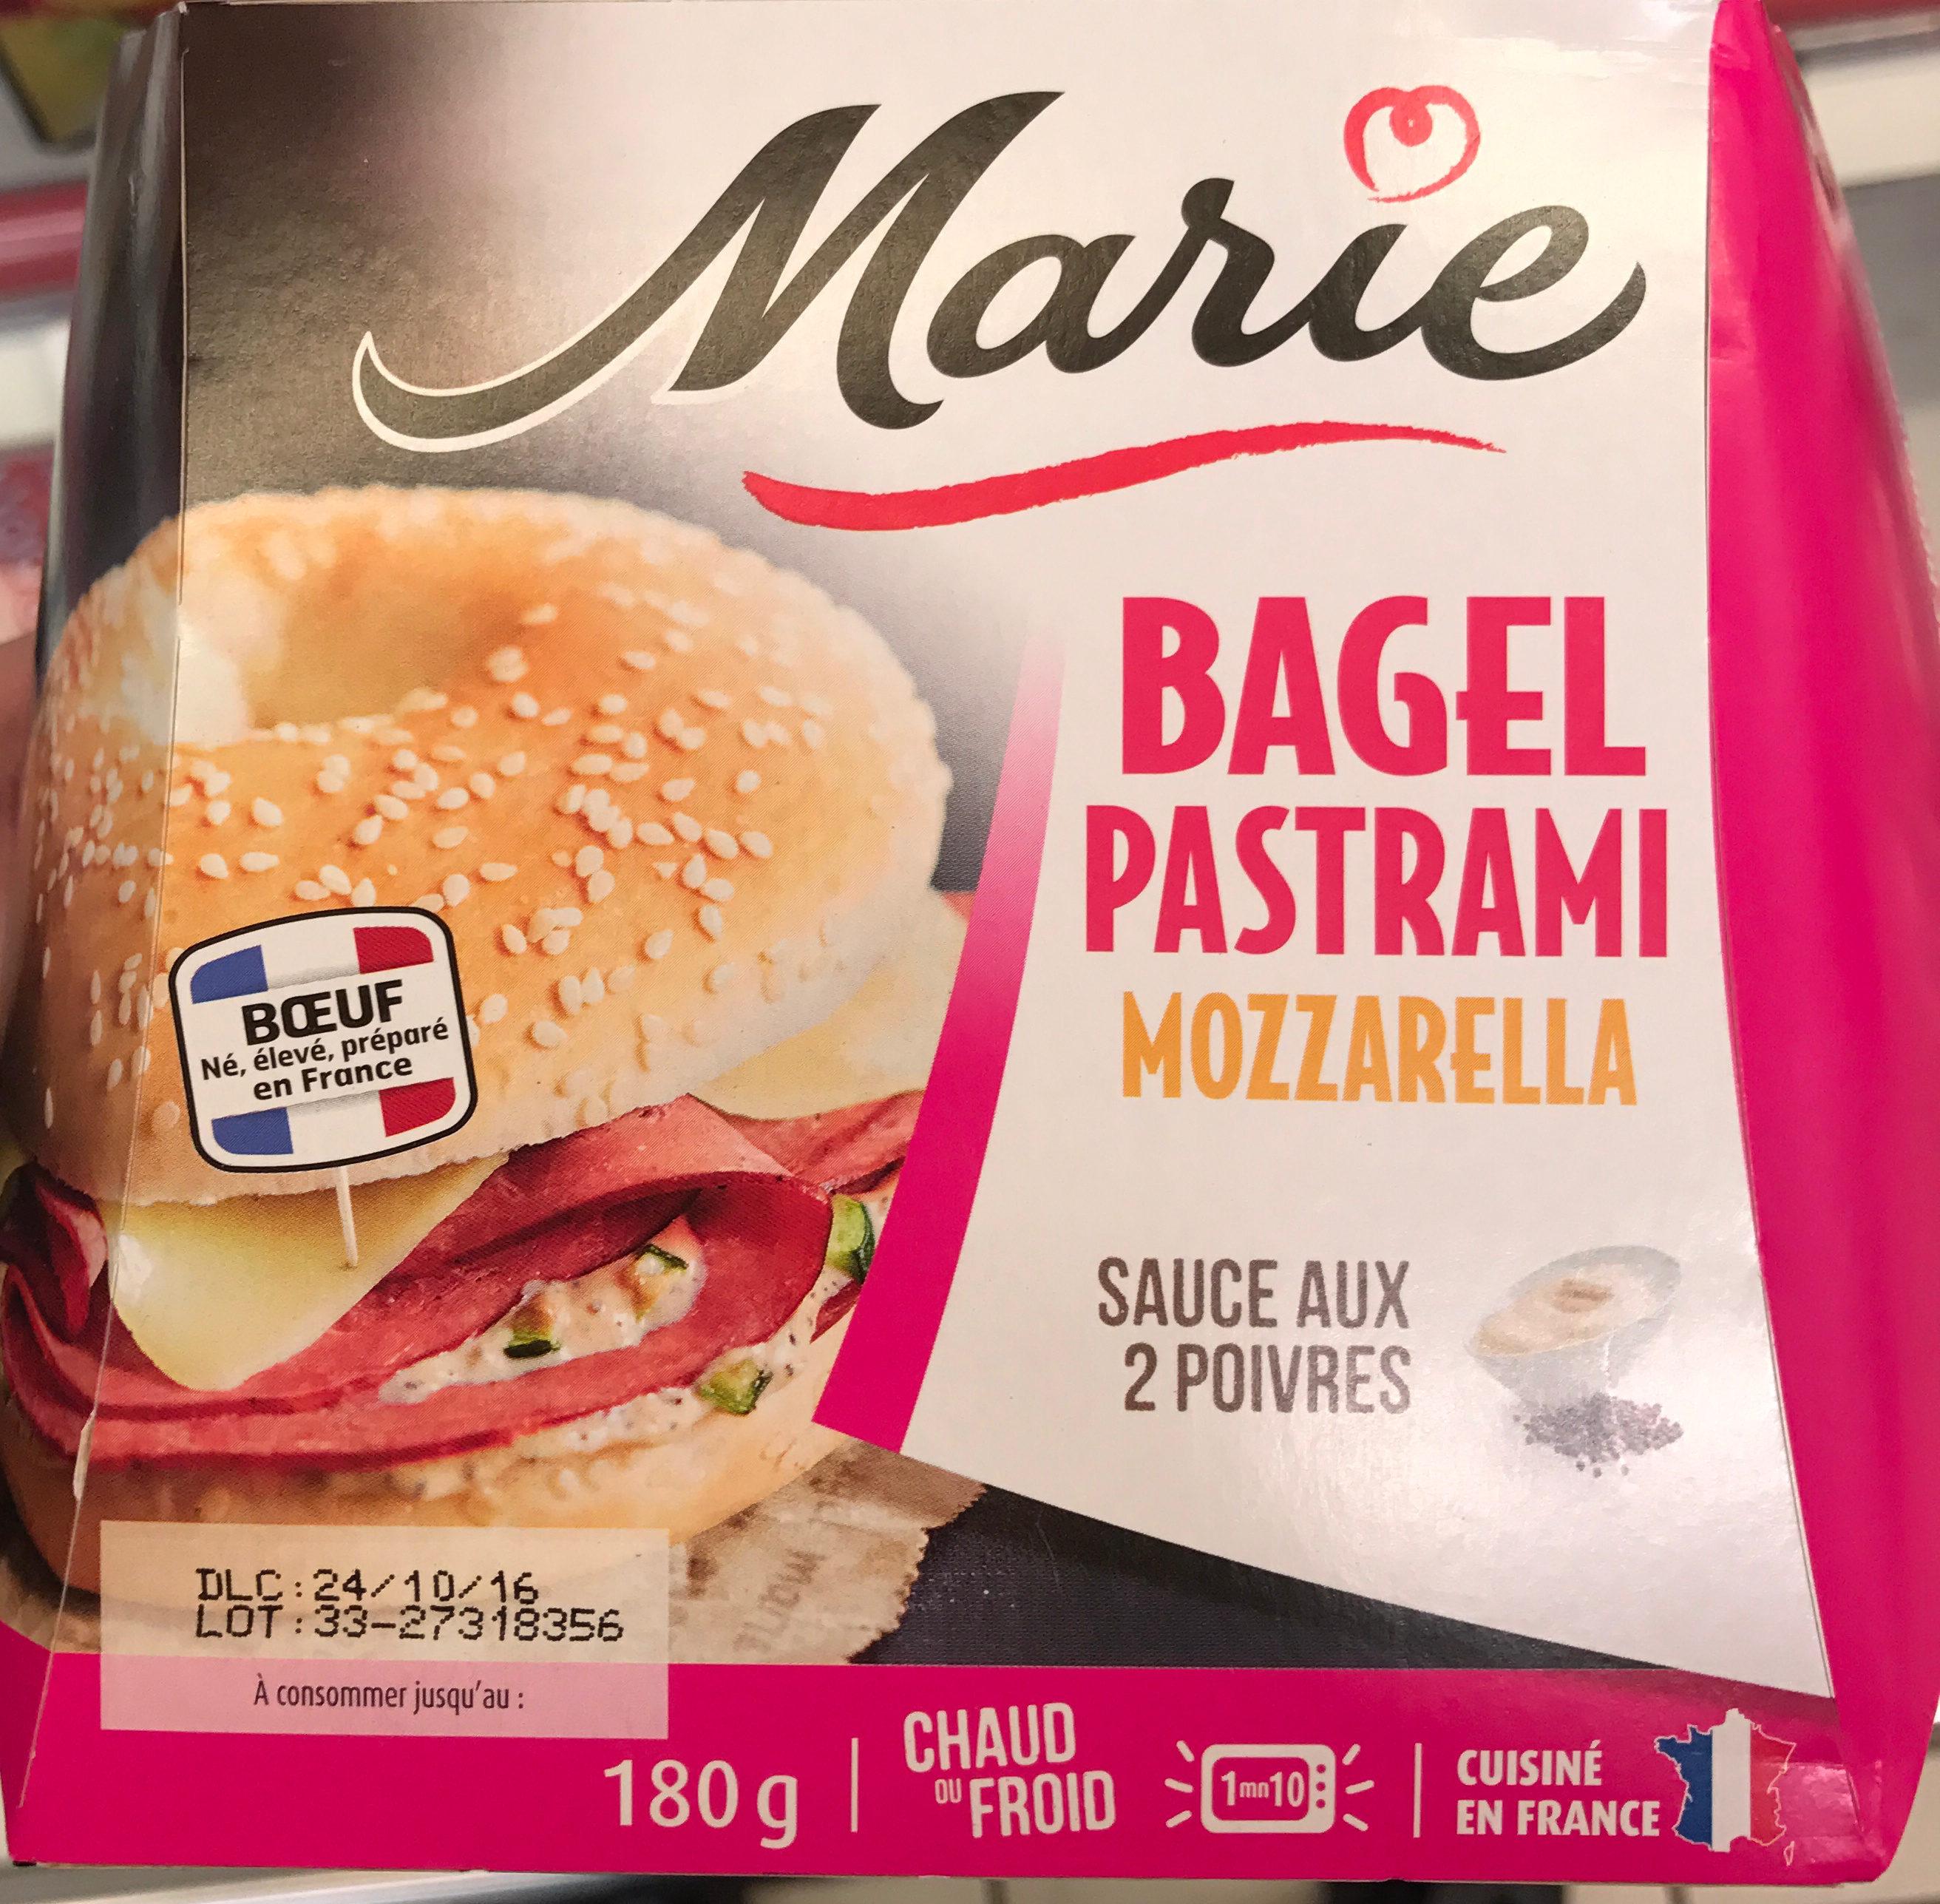 Bagel Pastrami Mozzarella sauce aux 2 poivres - Produit - fr